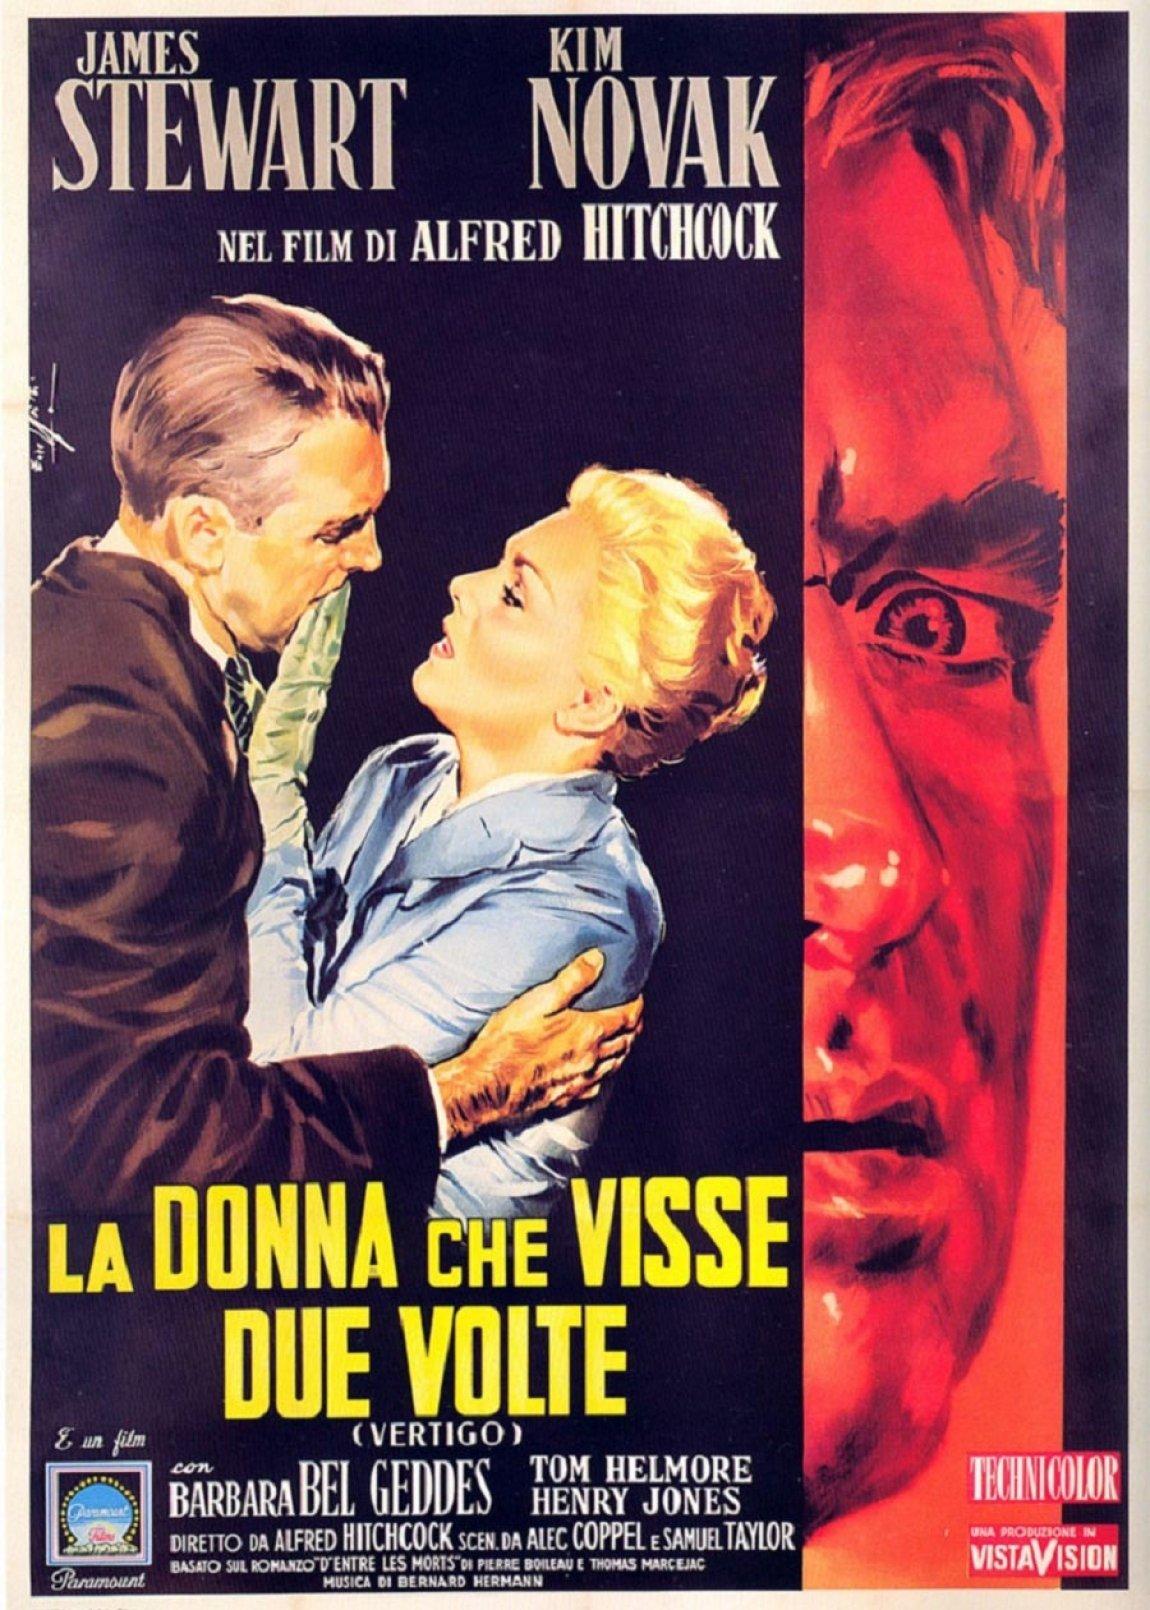 RECENSIONE Film La Donna che visse due volte